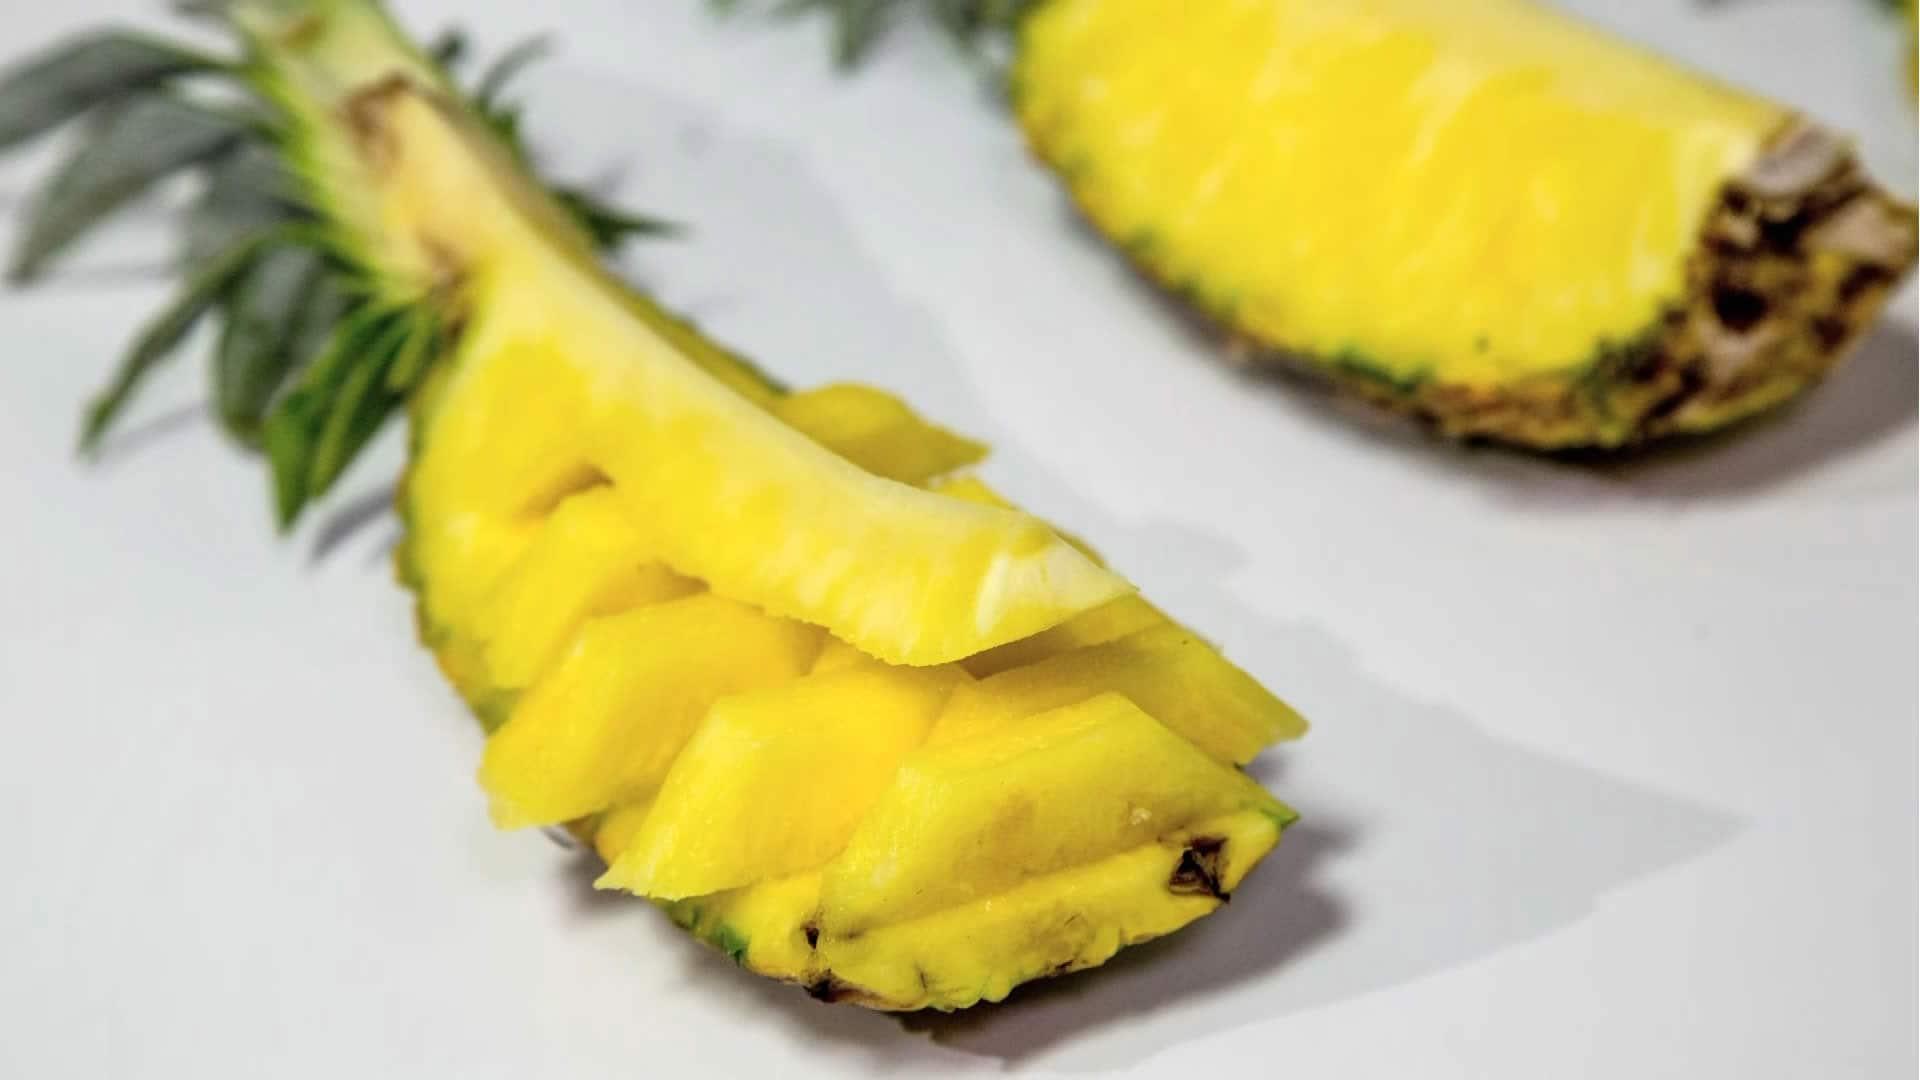 Foto Come Tagliare l'Ananas